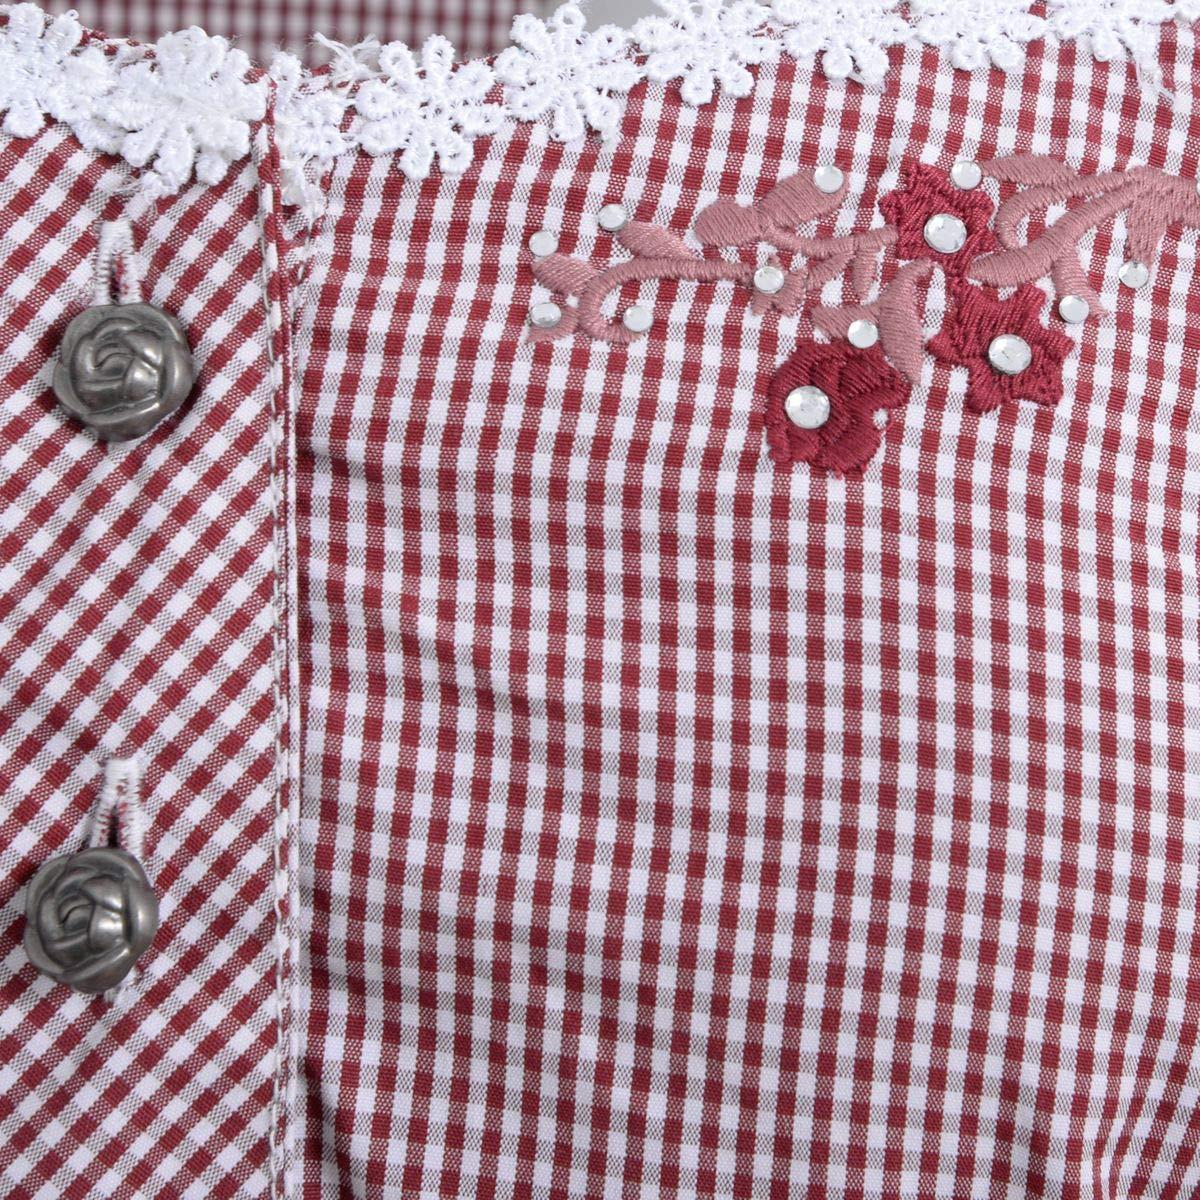 Trachtenbluse Britt Maren in Rot von Marjo Trachten